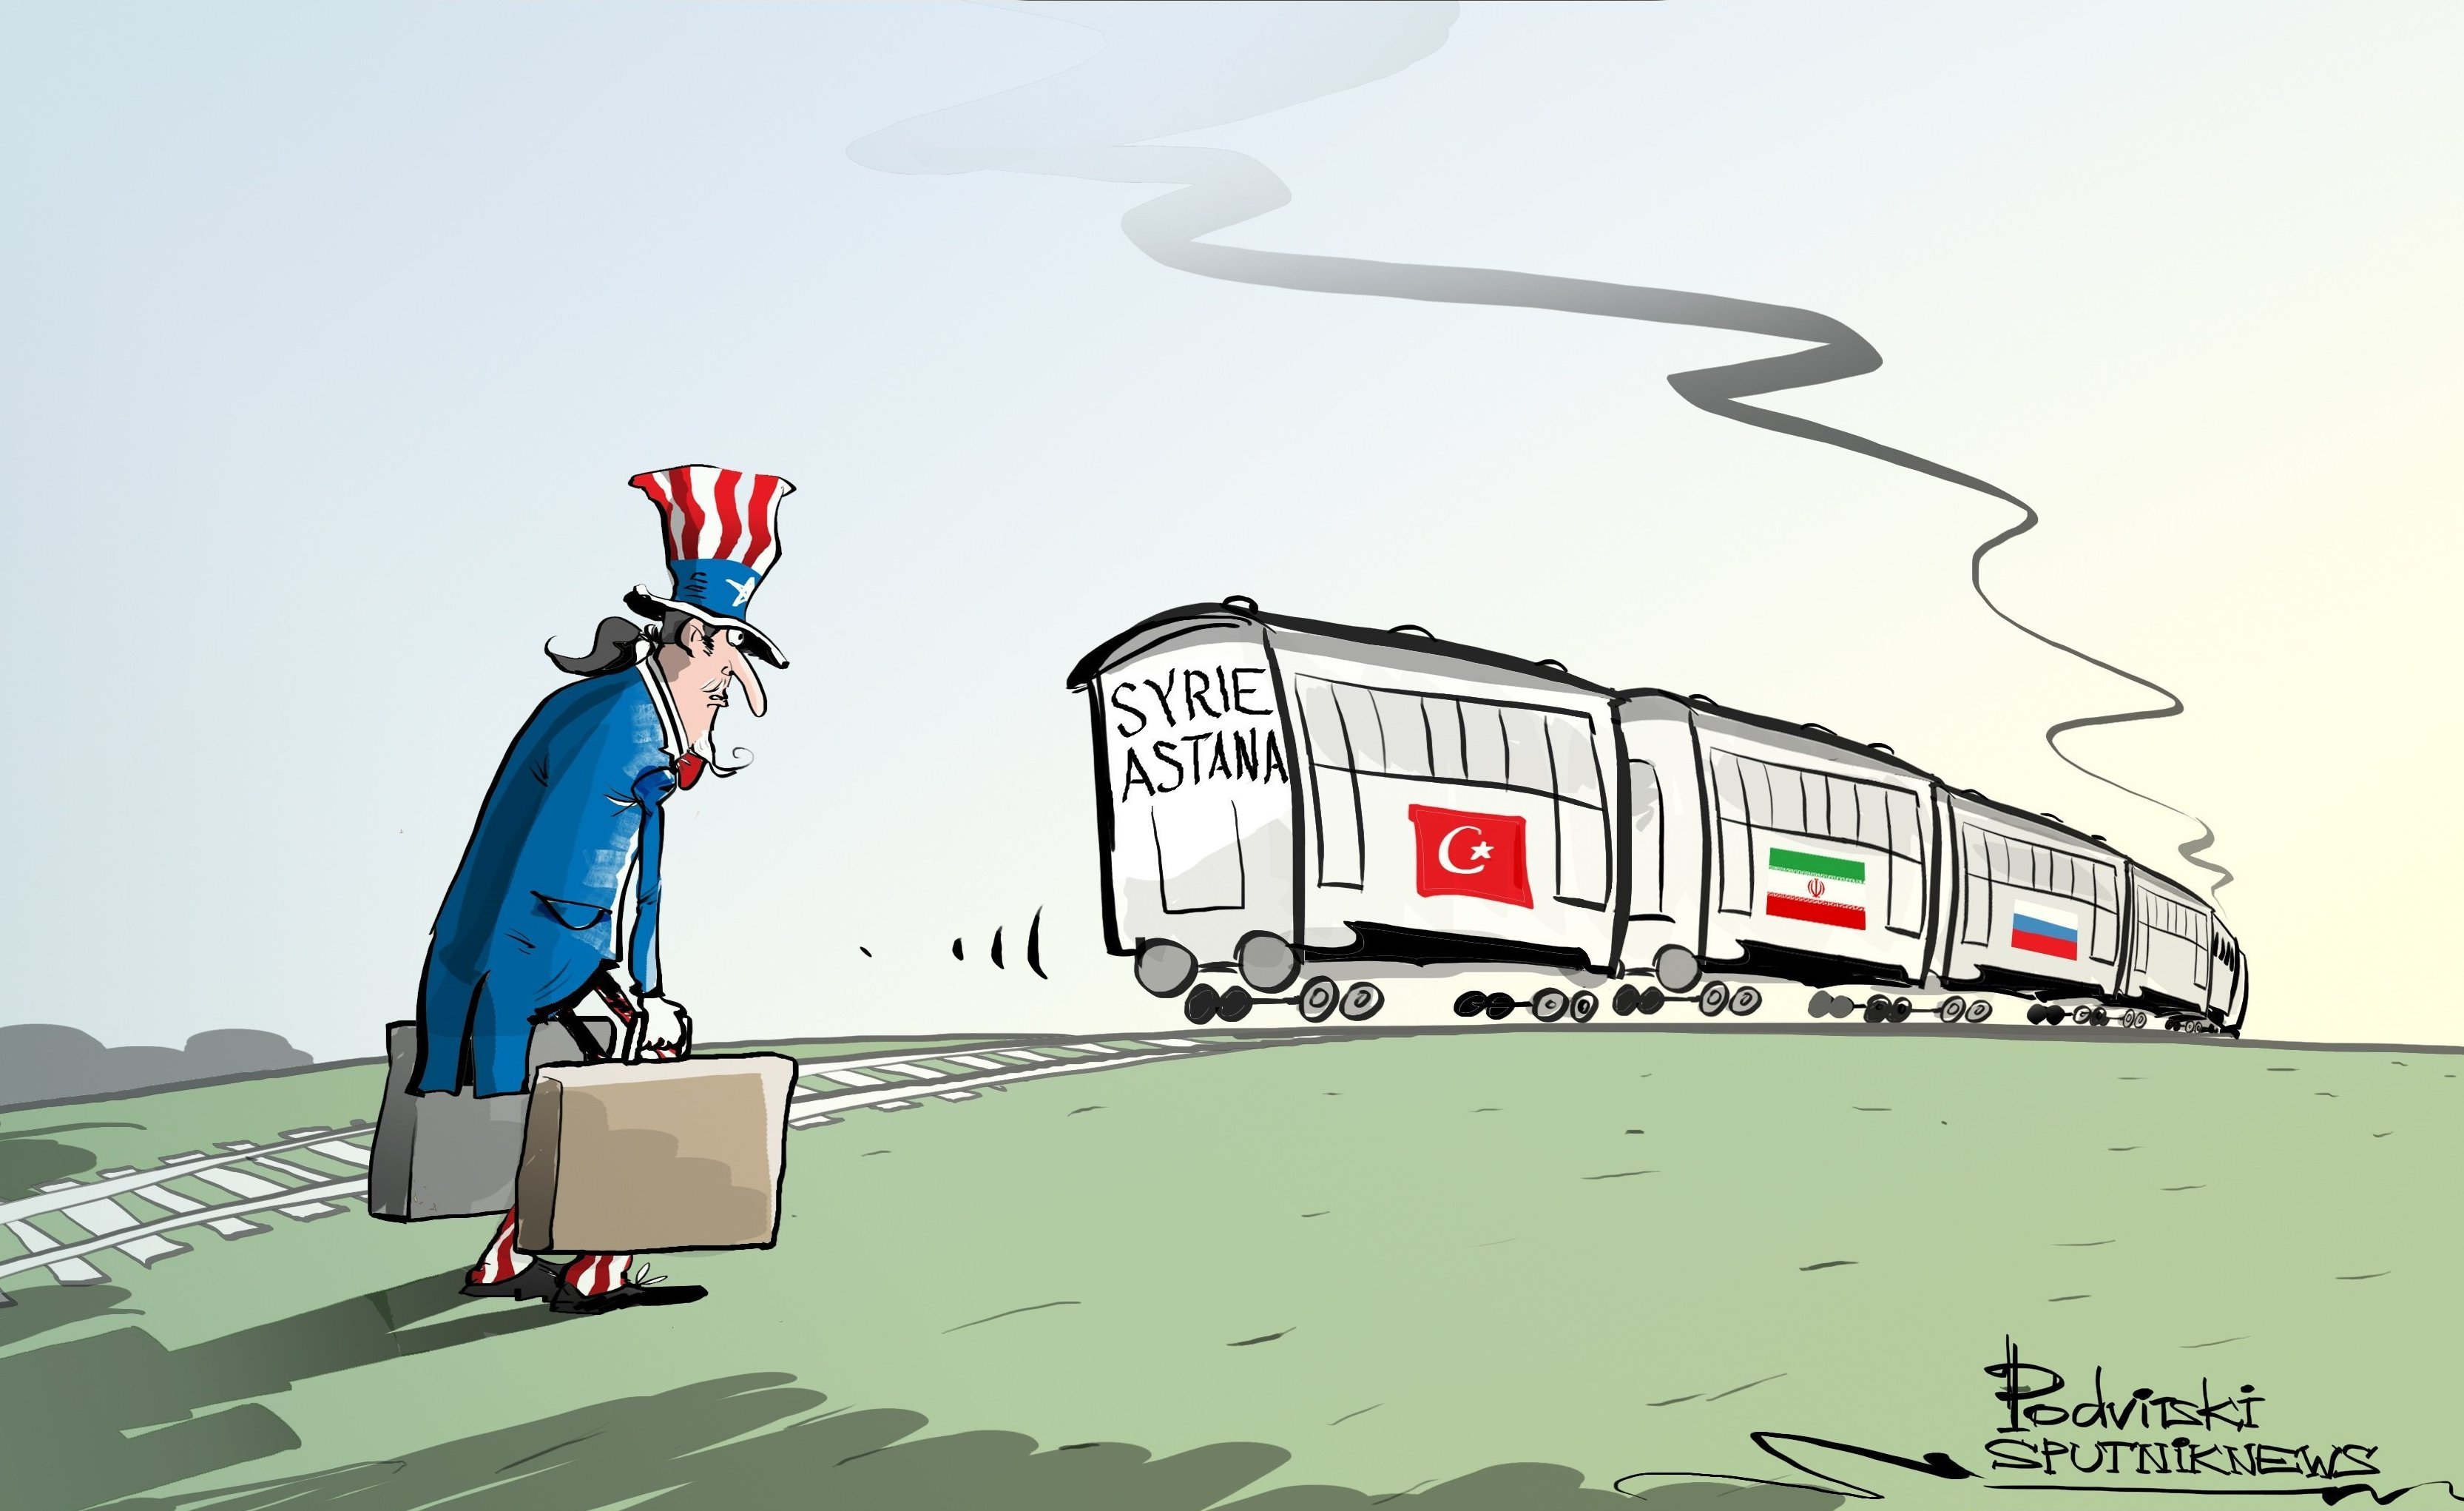 Aller à Astana, aller à Canossa !